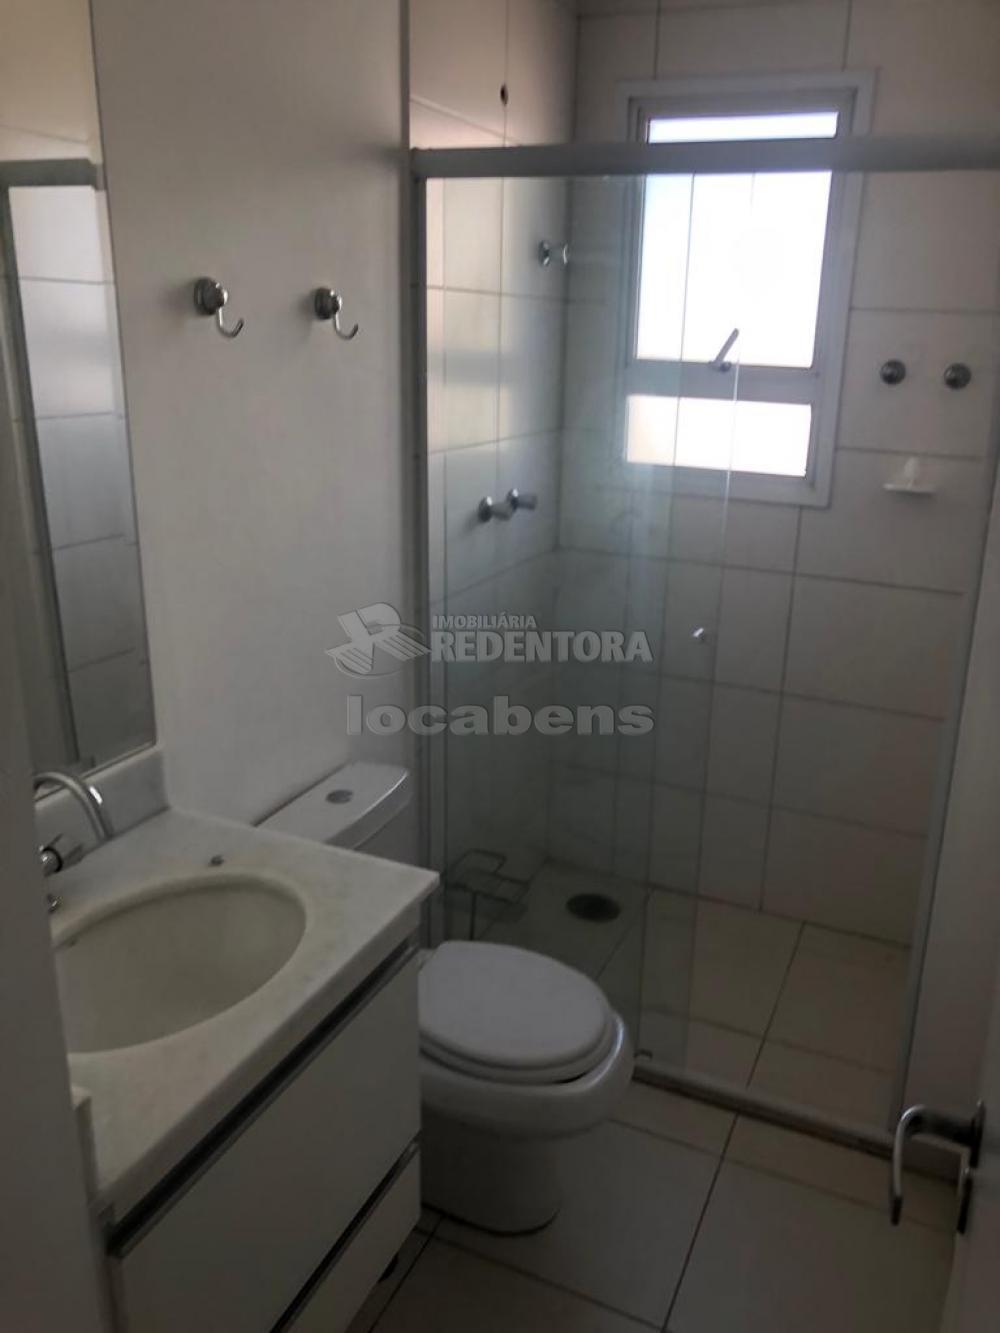 Alugar Apartamento / Padrão em São José do Rio Preto apenas R$ 2.000,00 - Foto 13